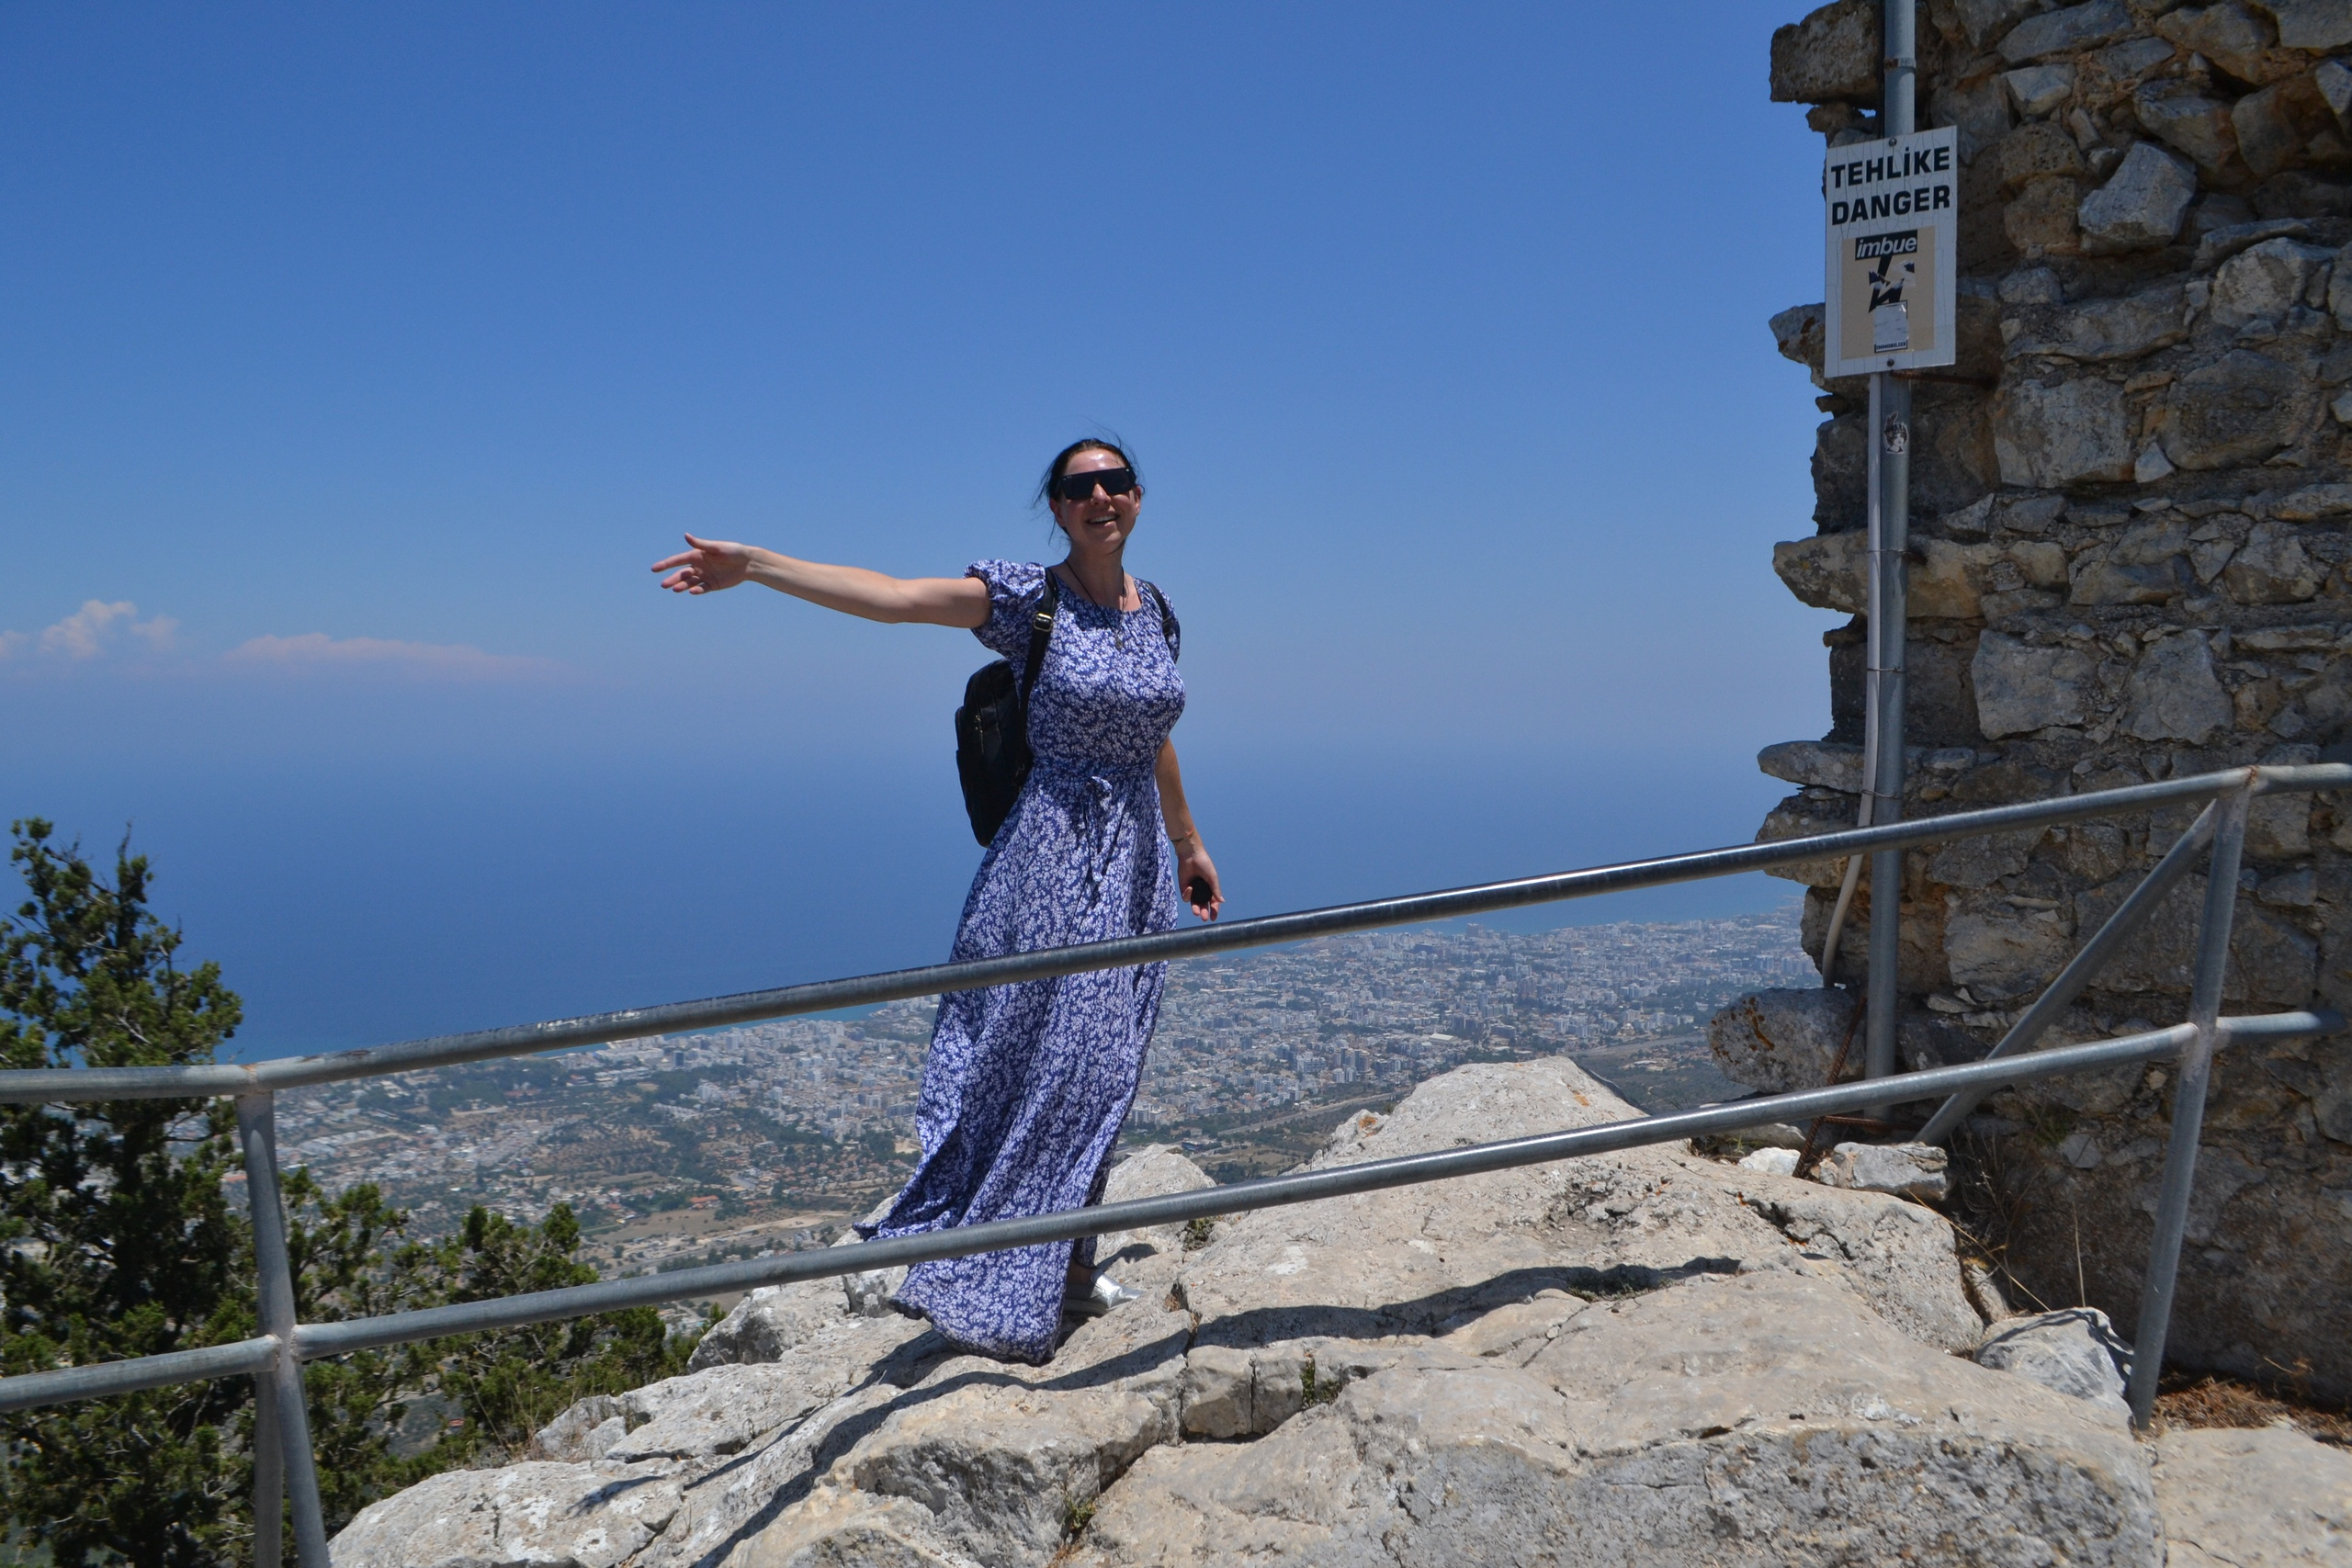 Северный Кипр. Замок Святого Иллариона. (фото). - Страница 3 2Fp8VXyLx-0